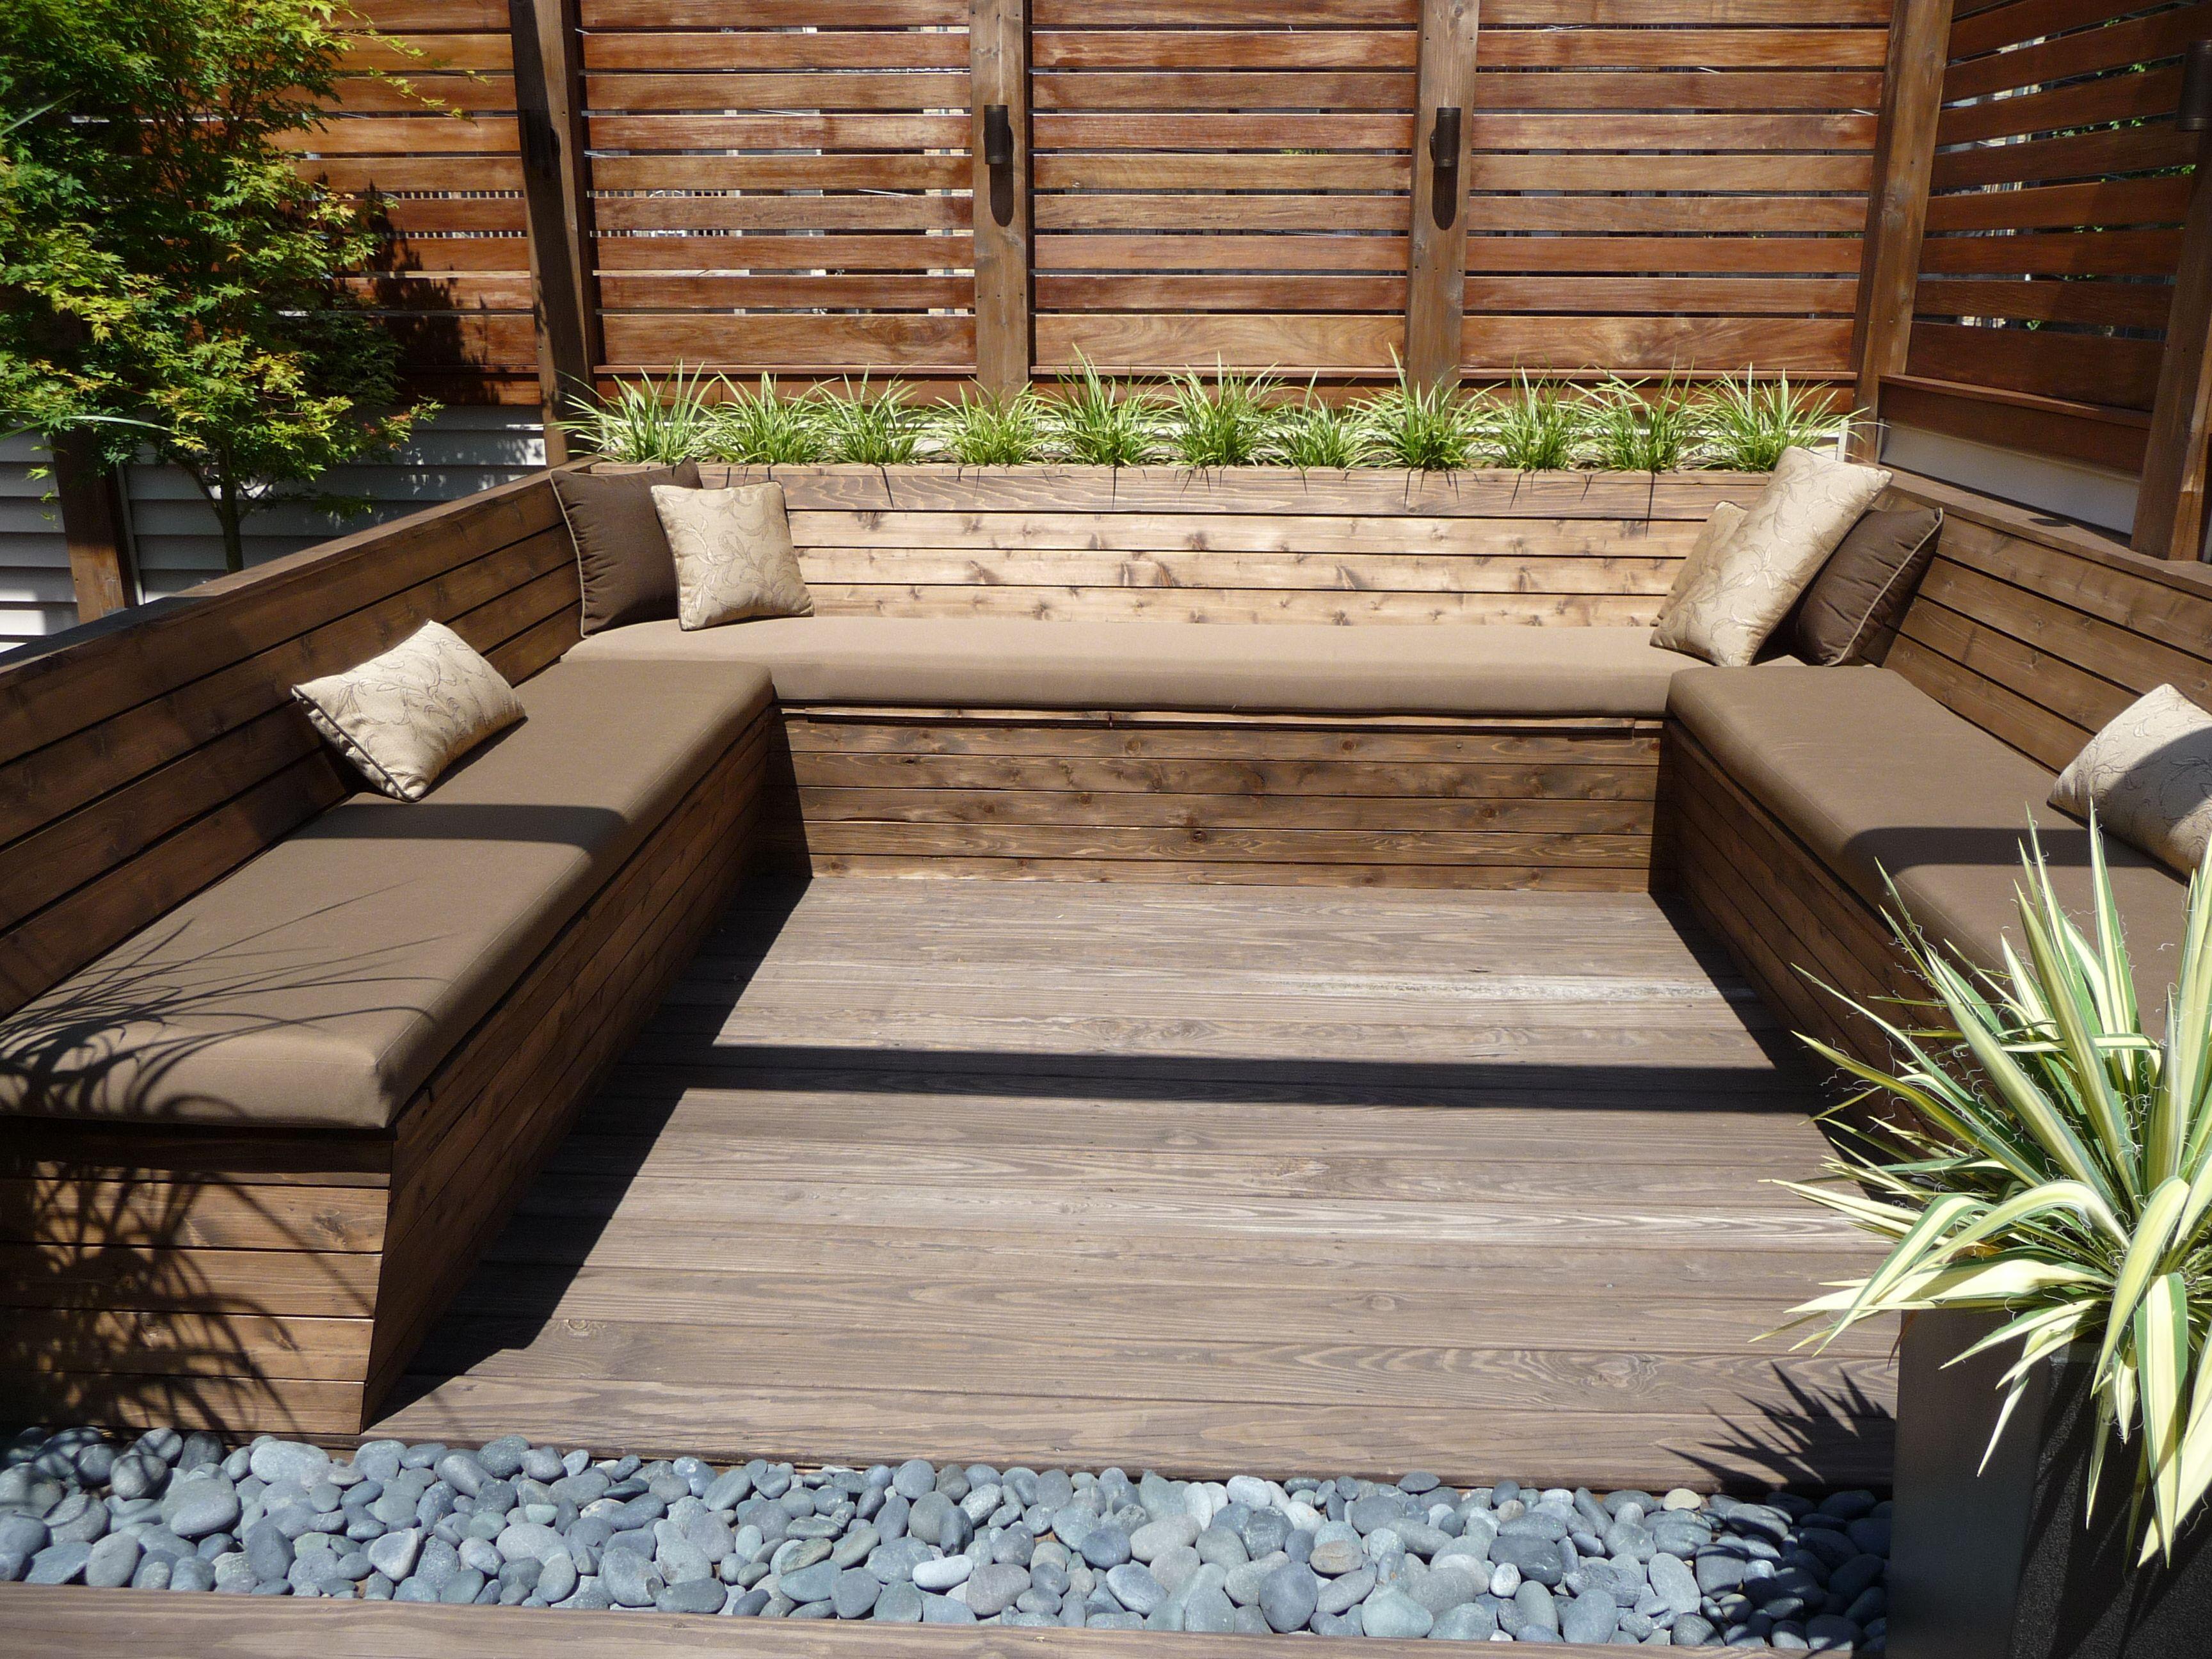 Blog Chicago Roof Deck And Garden Rooftop Deck Rooftop Design Modern Outdoor Pillows